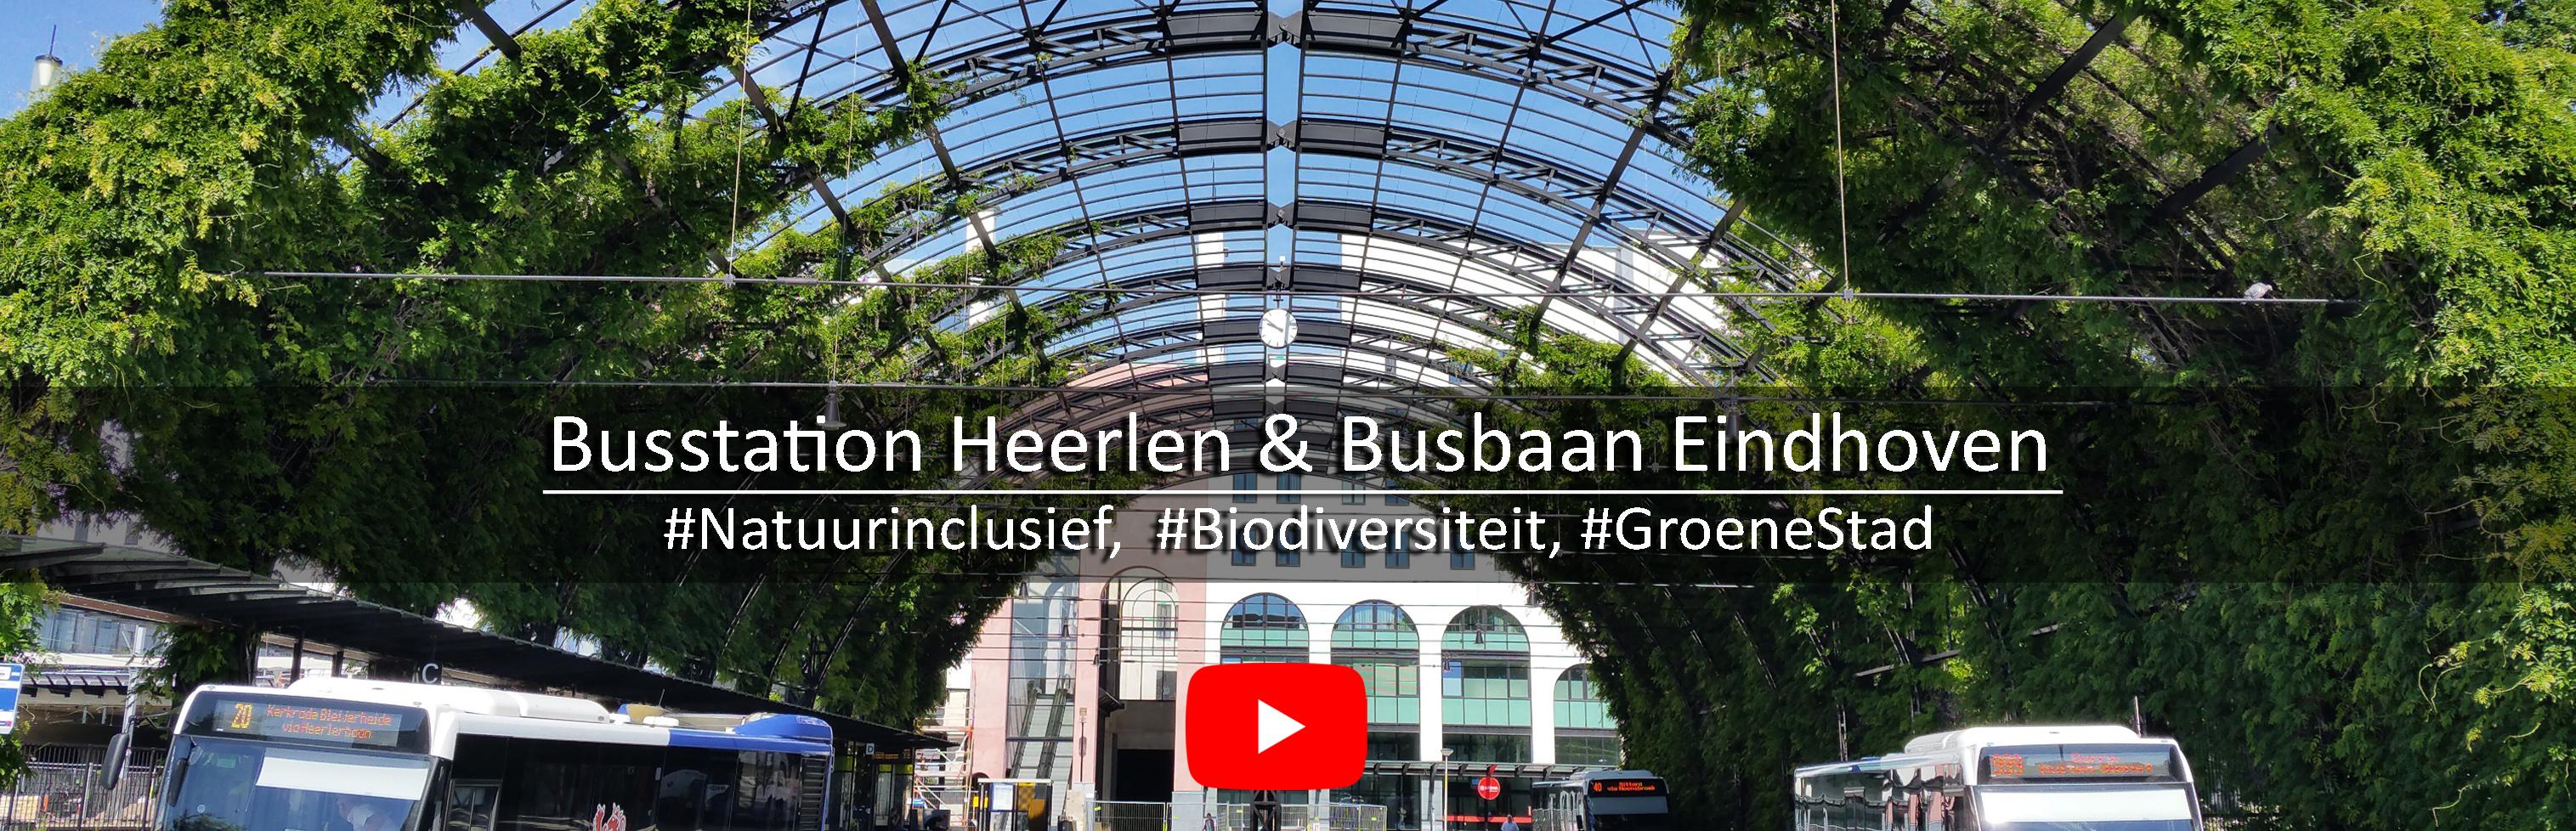 Busstation Heerlen en Busbaan Eindhoven